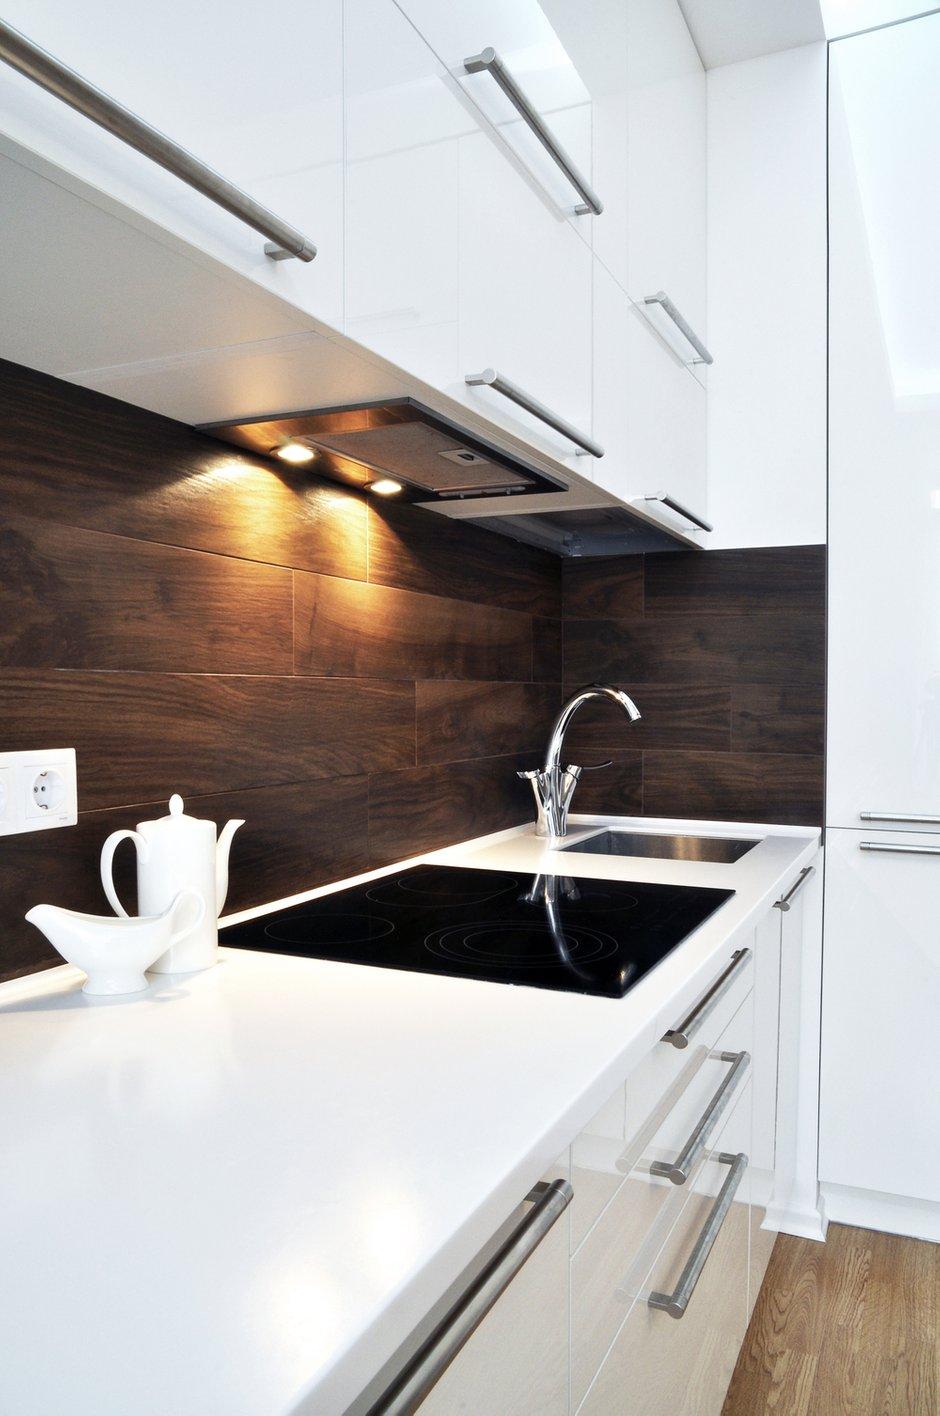 Фотография: Кухня и столовая в стиле Хай-тек, Малогабаритная квартира, Квартира, Цвет в интерьере, Дома и квартиры, Белый, Переделка – фото на INMYROOM